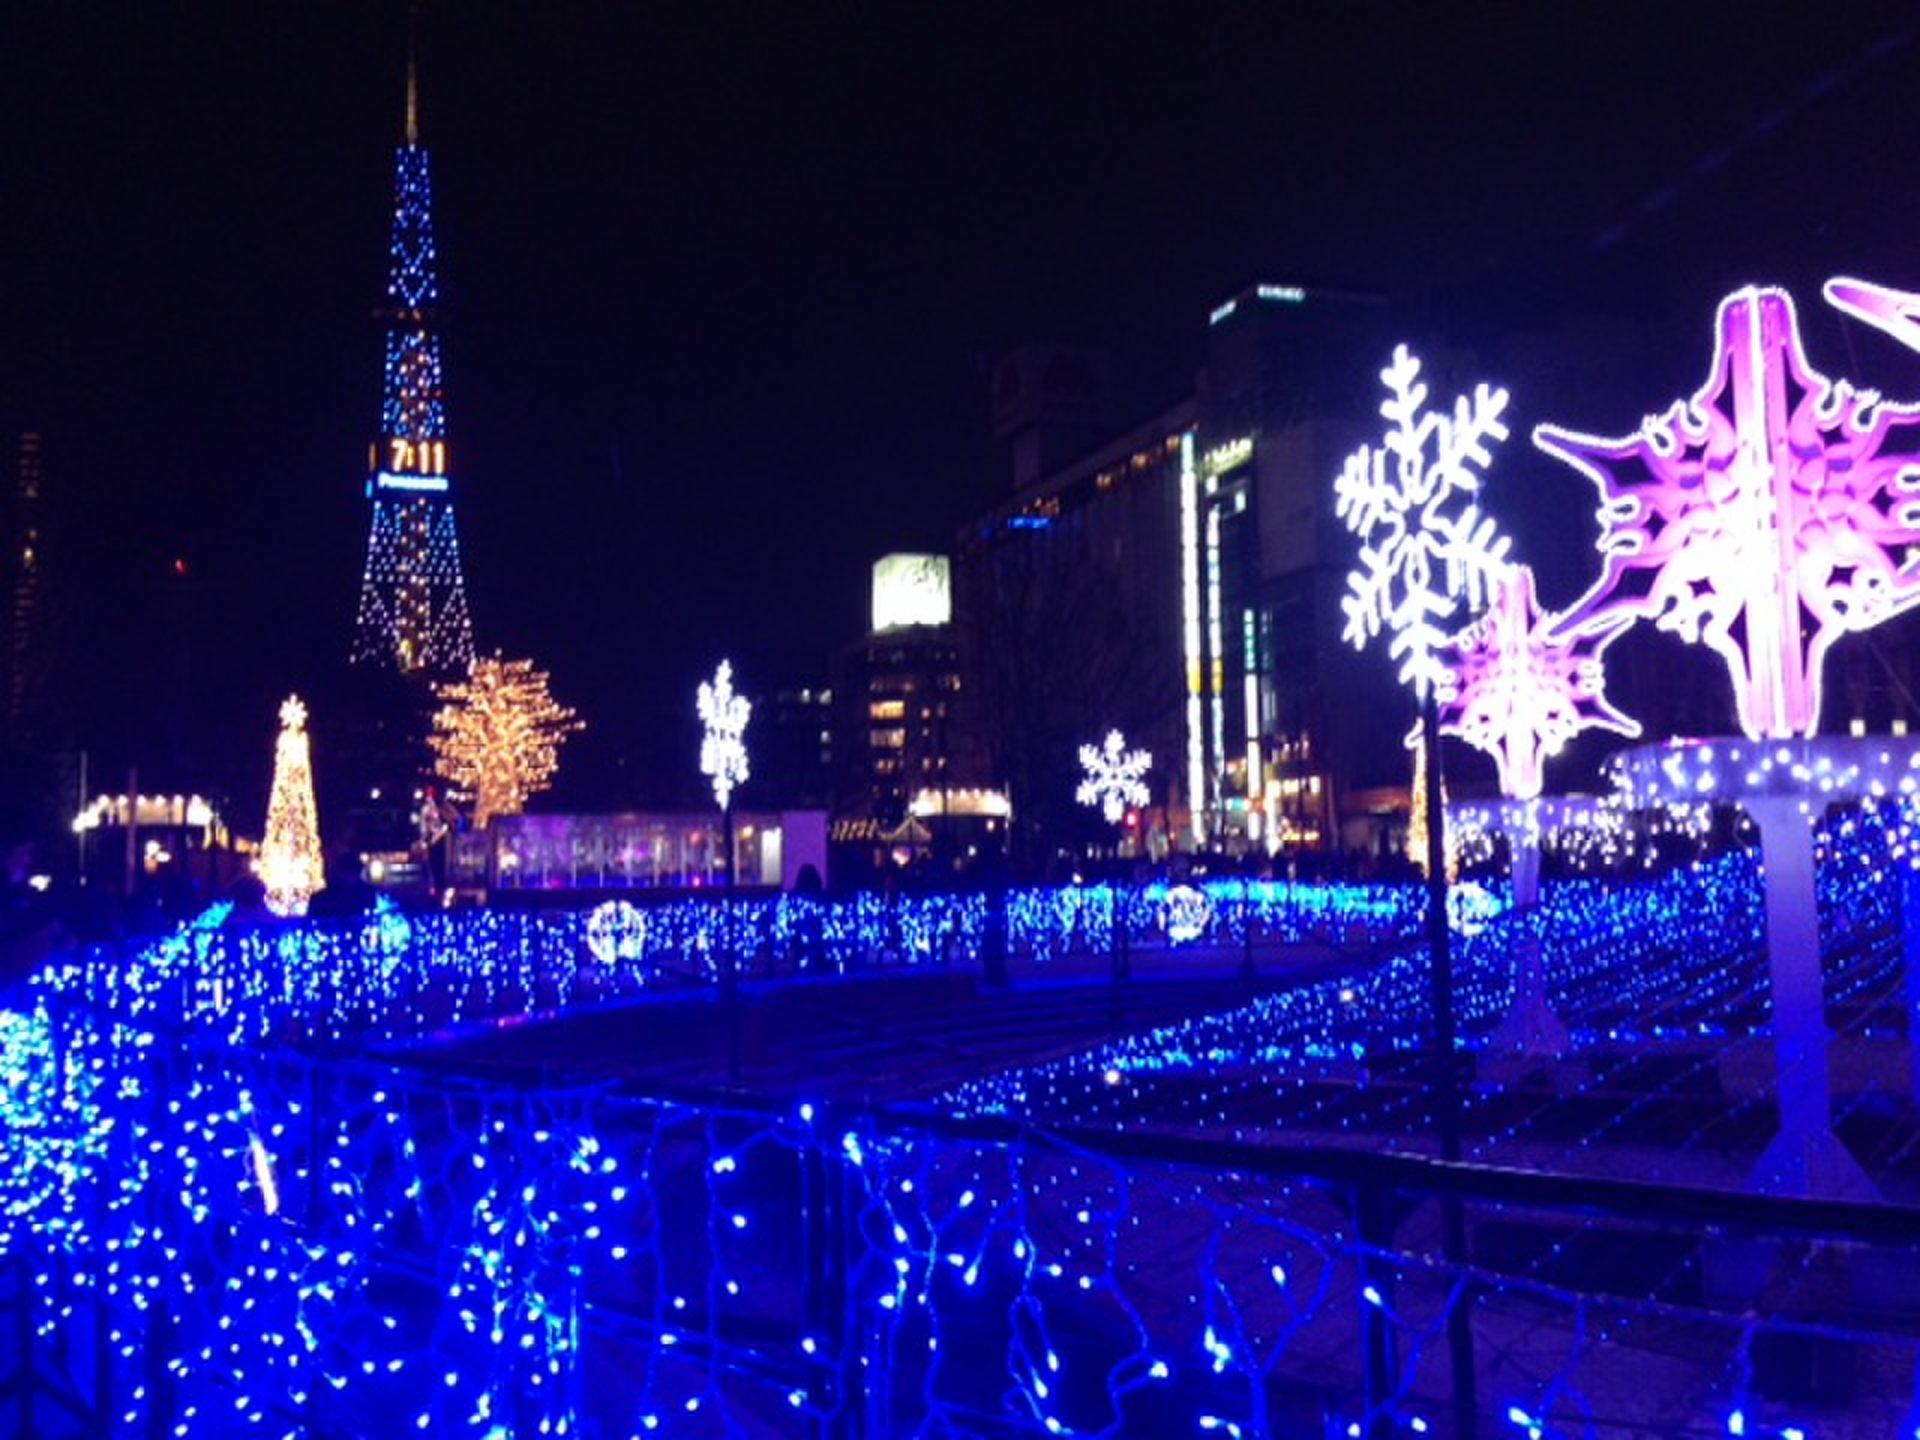 北海道観光なら札幌へ!札幌で行きたいオススメスポットTOP10